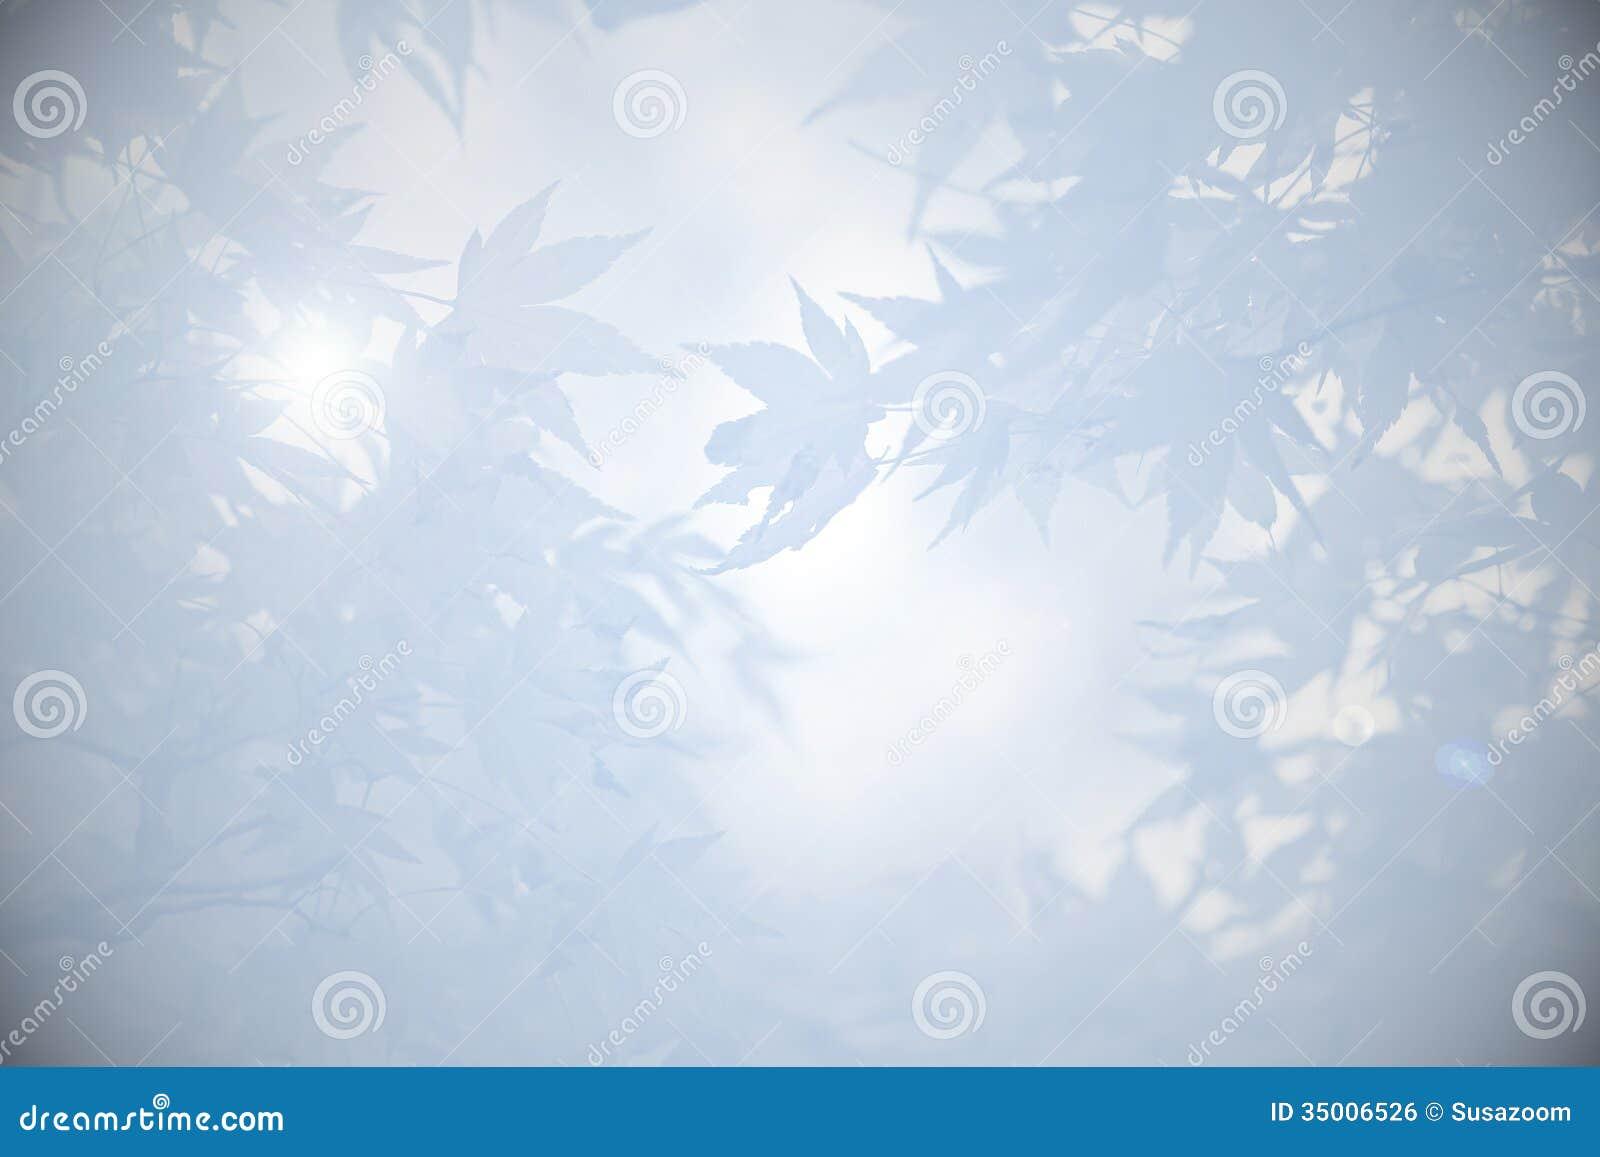 Fondo de luto con las hojas en sombras del gris